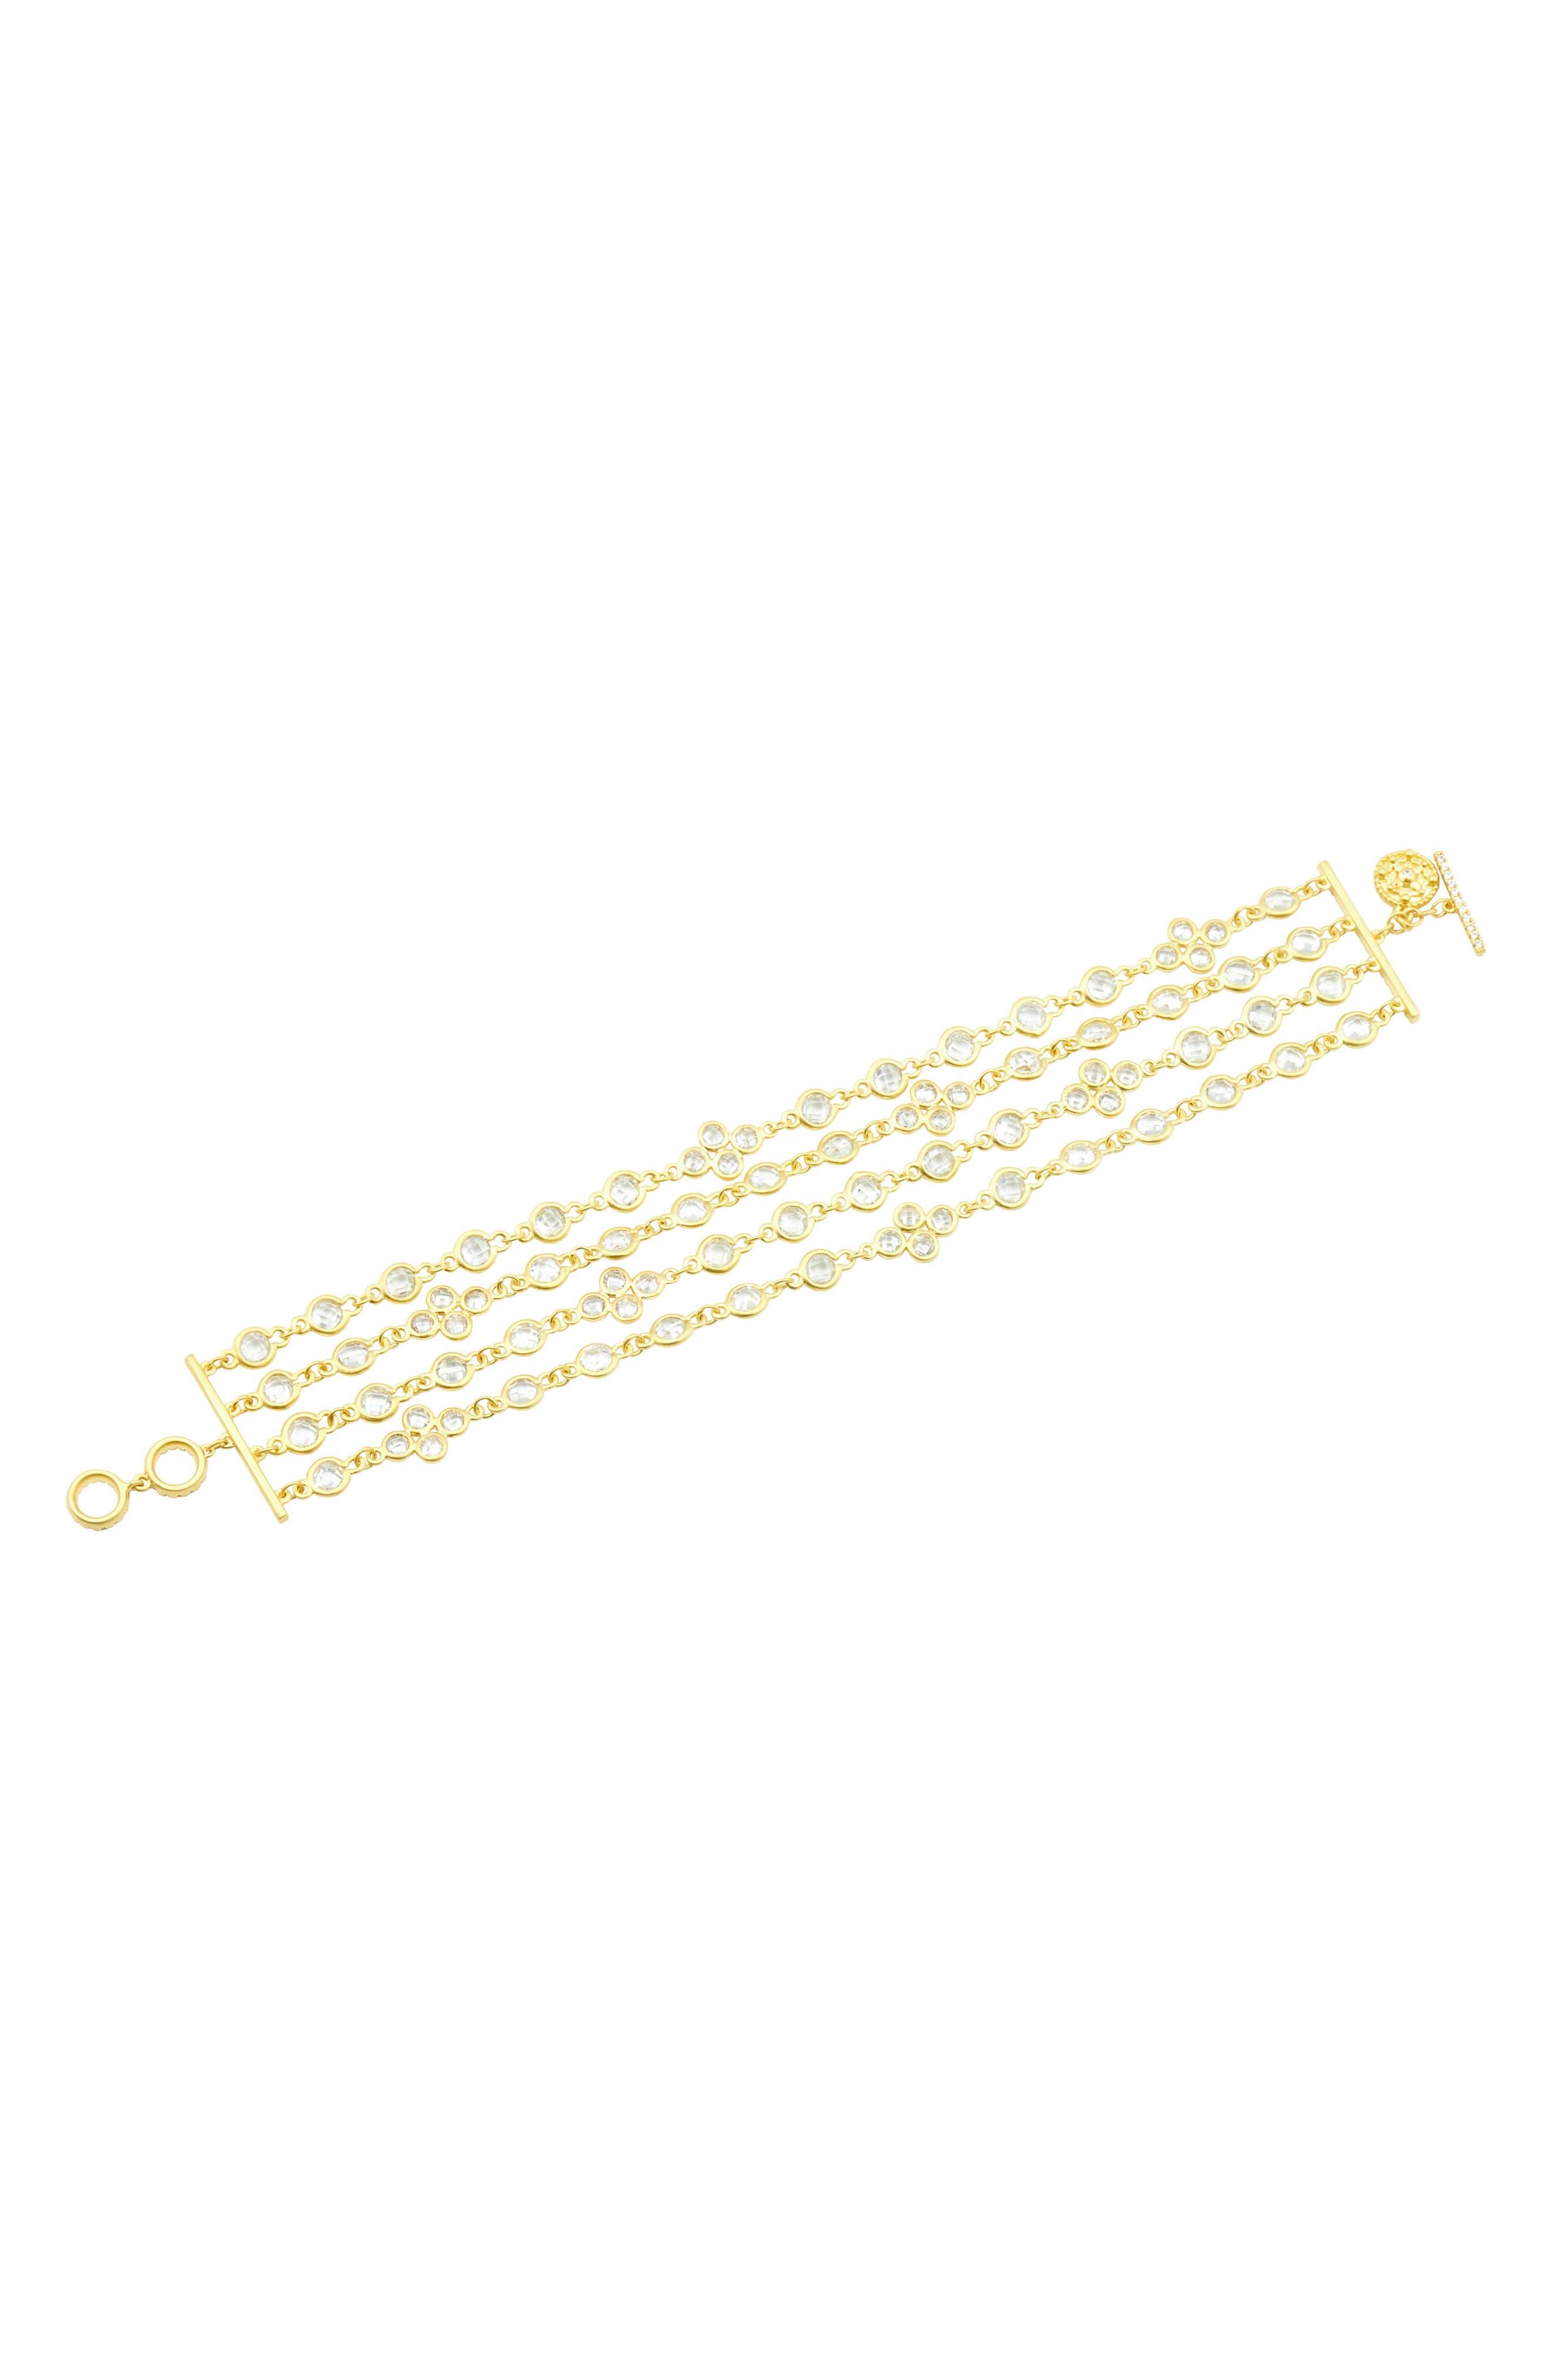 Audrey Radiance Four-Chain Bracelet,                             Alternate thumbnail 3, color,                             Gold/ Clear